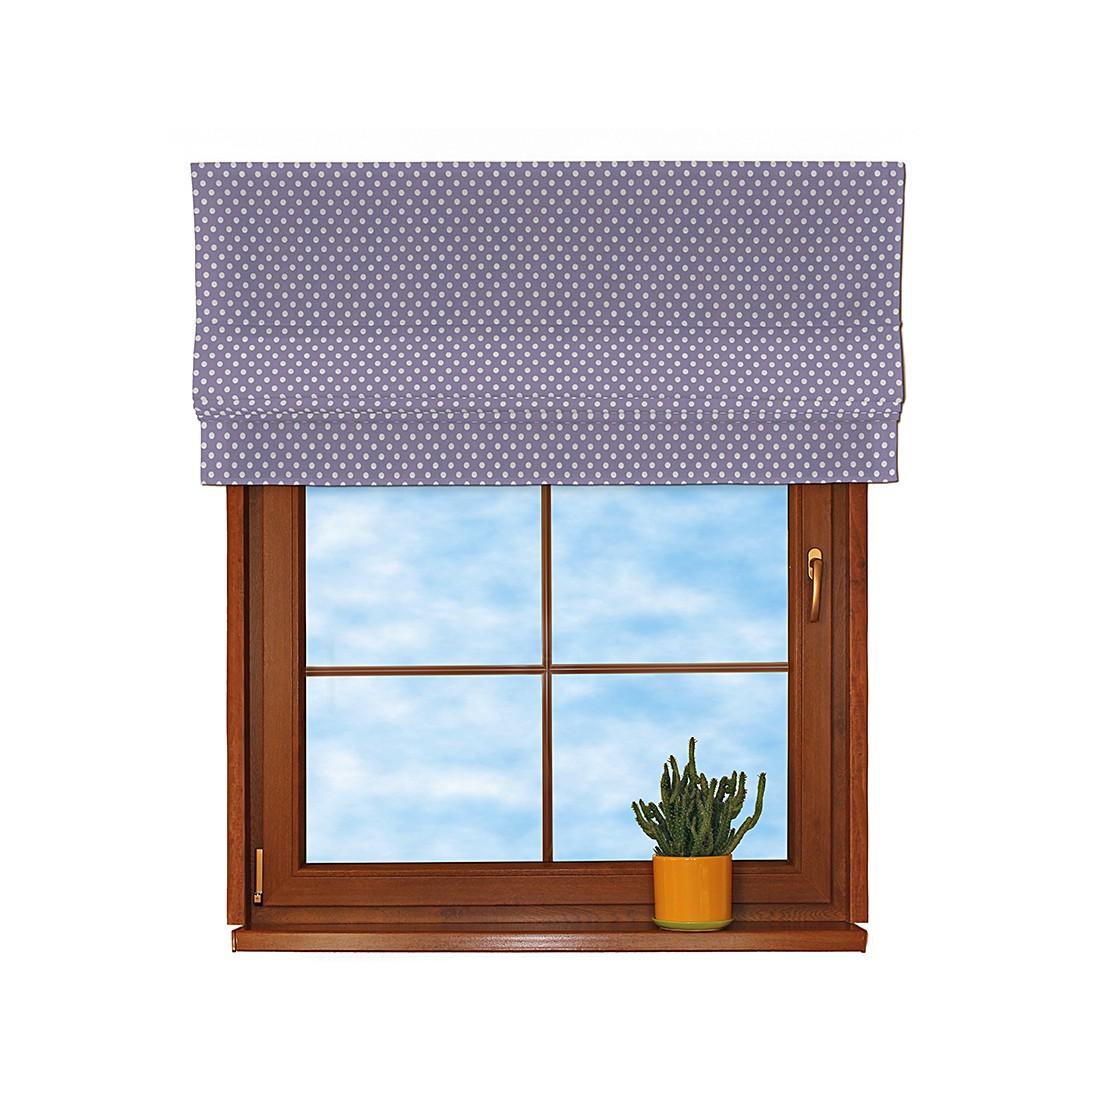 Raffrollo – Violett/Weiß getupft – 100×170 cm, Dekoria online kaufen